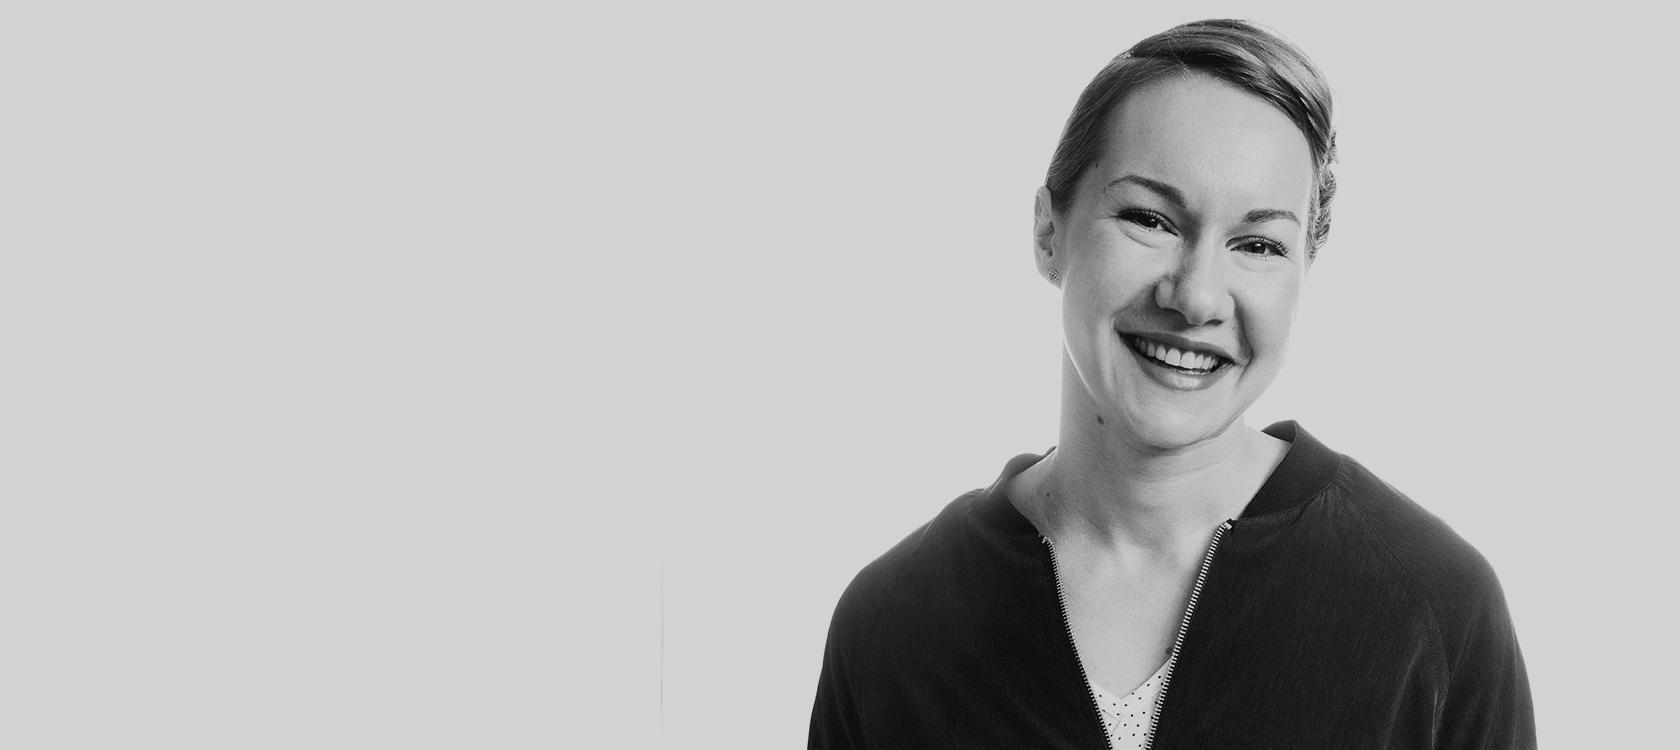 Eveliina Pennanen